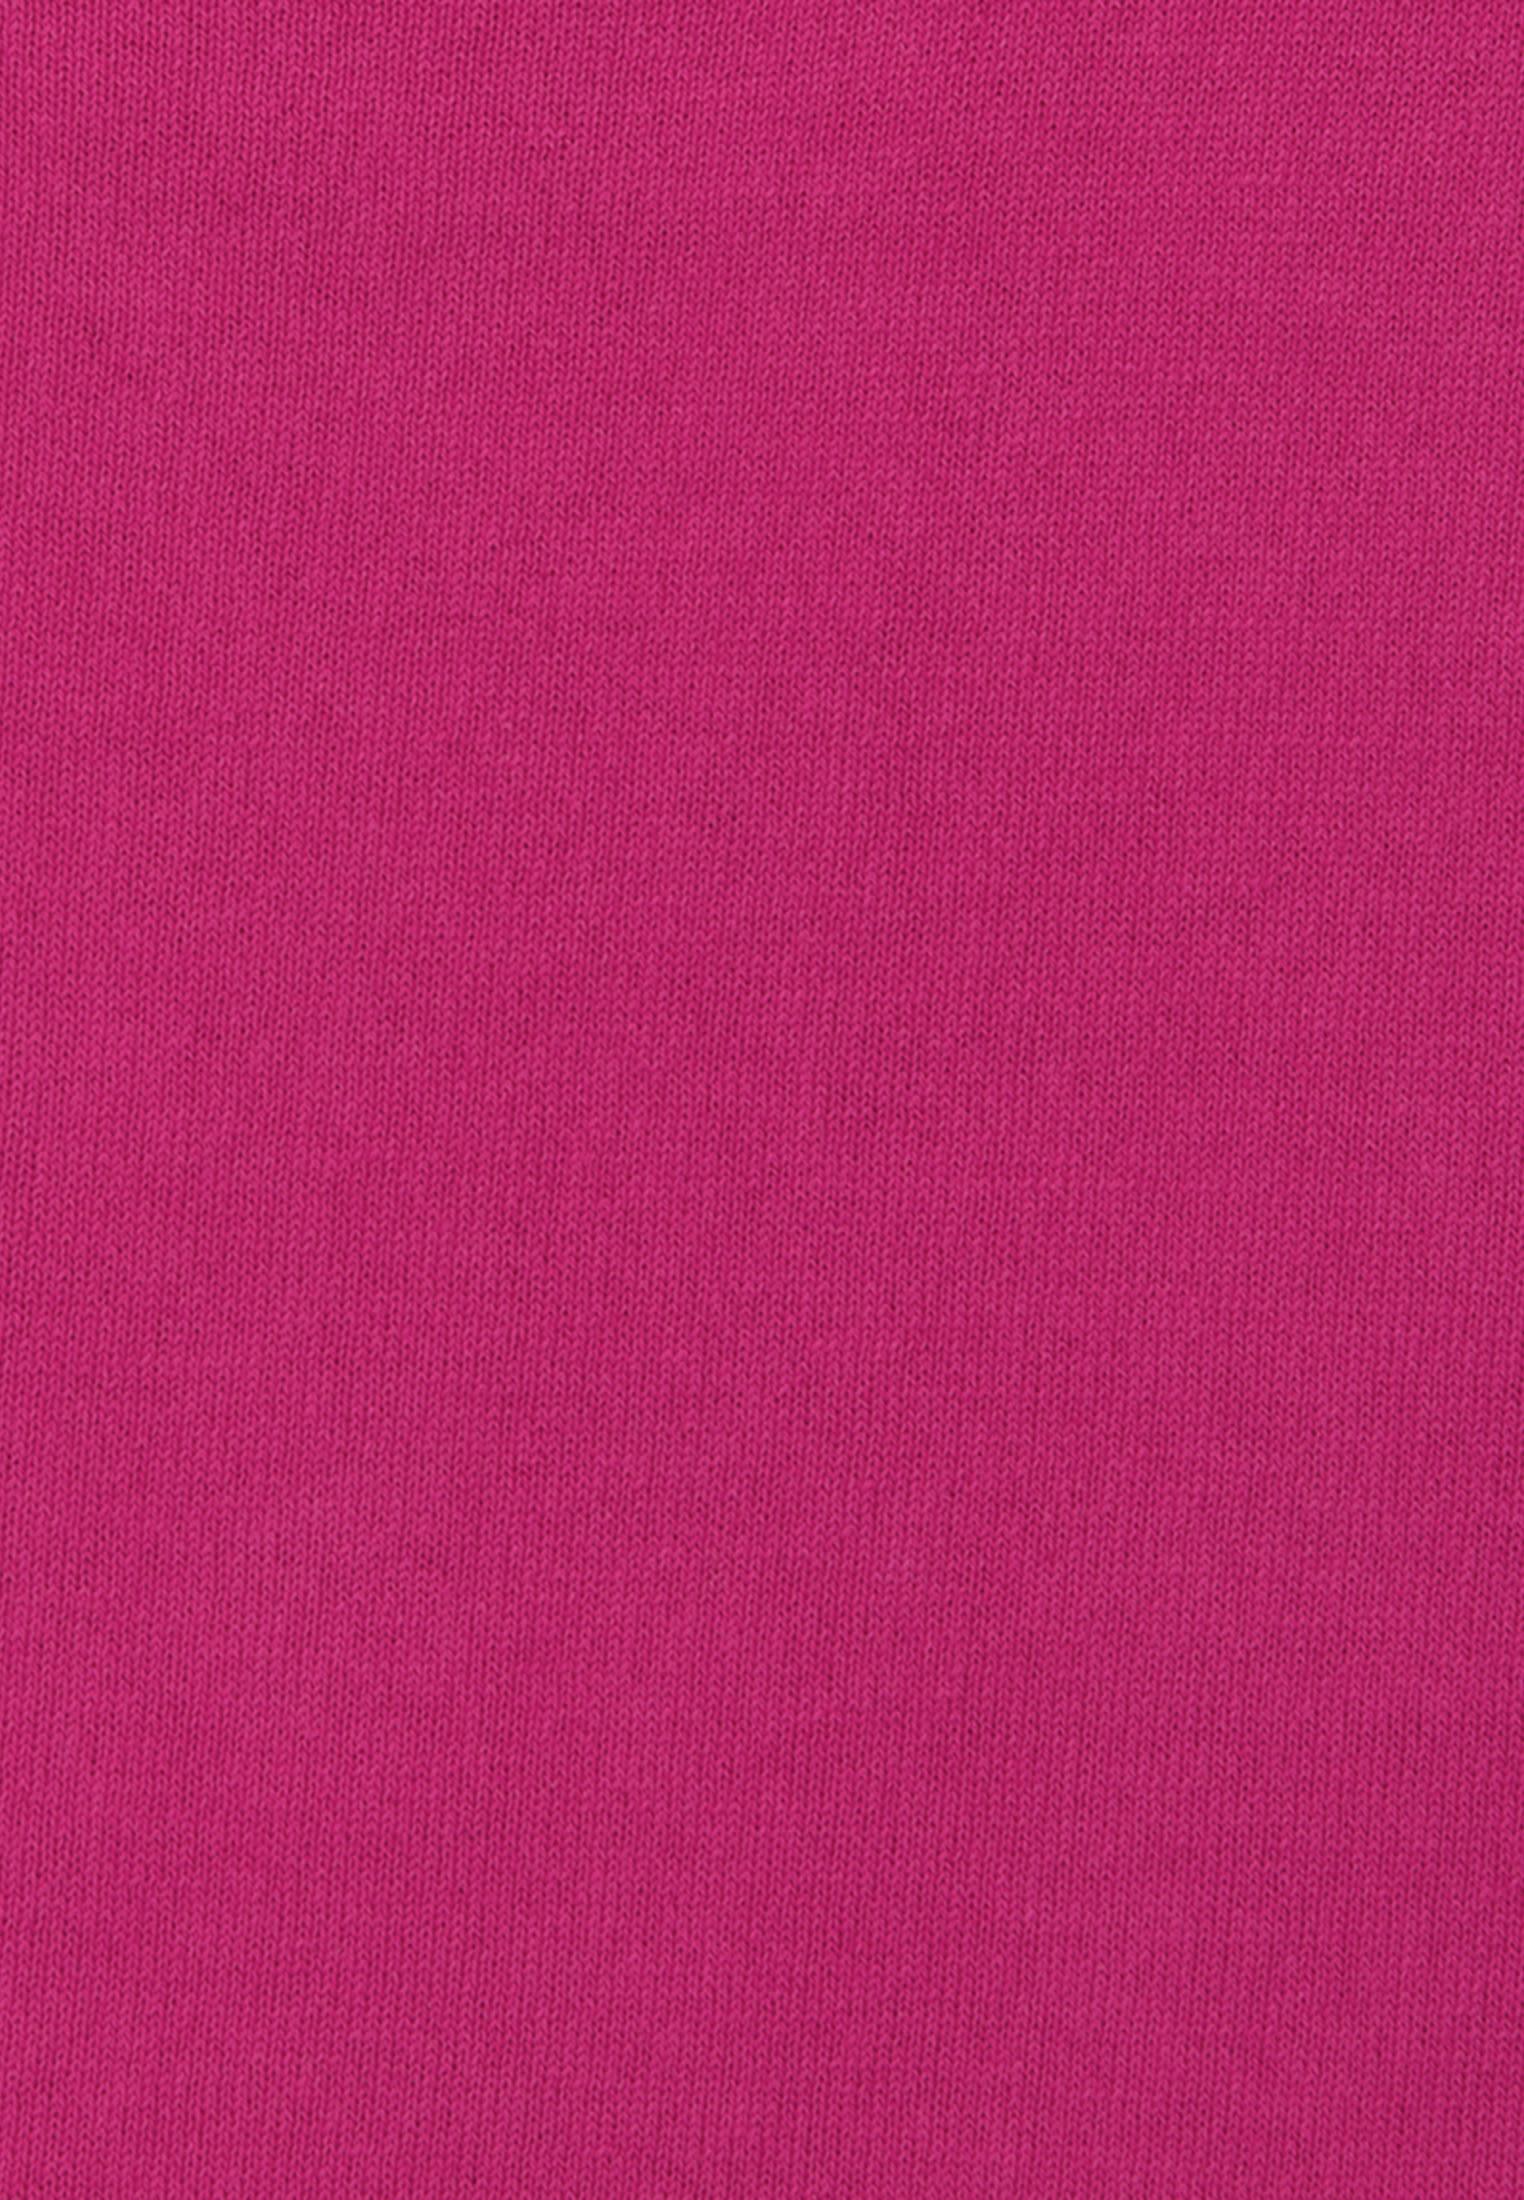 Rundhals Pullover aus 100% Baumwolle in Rosa/Pink |  Jacques Britt Onlineshop